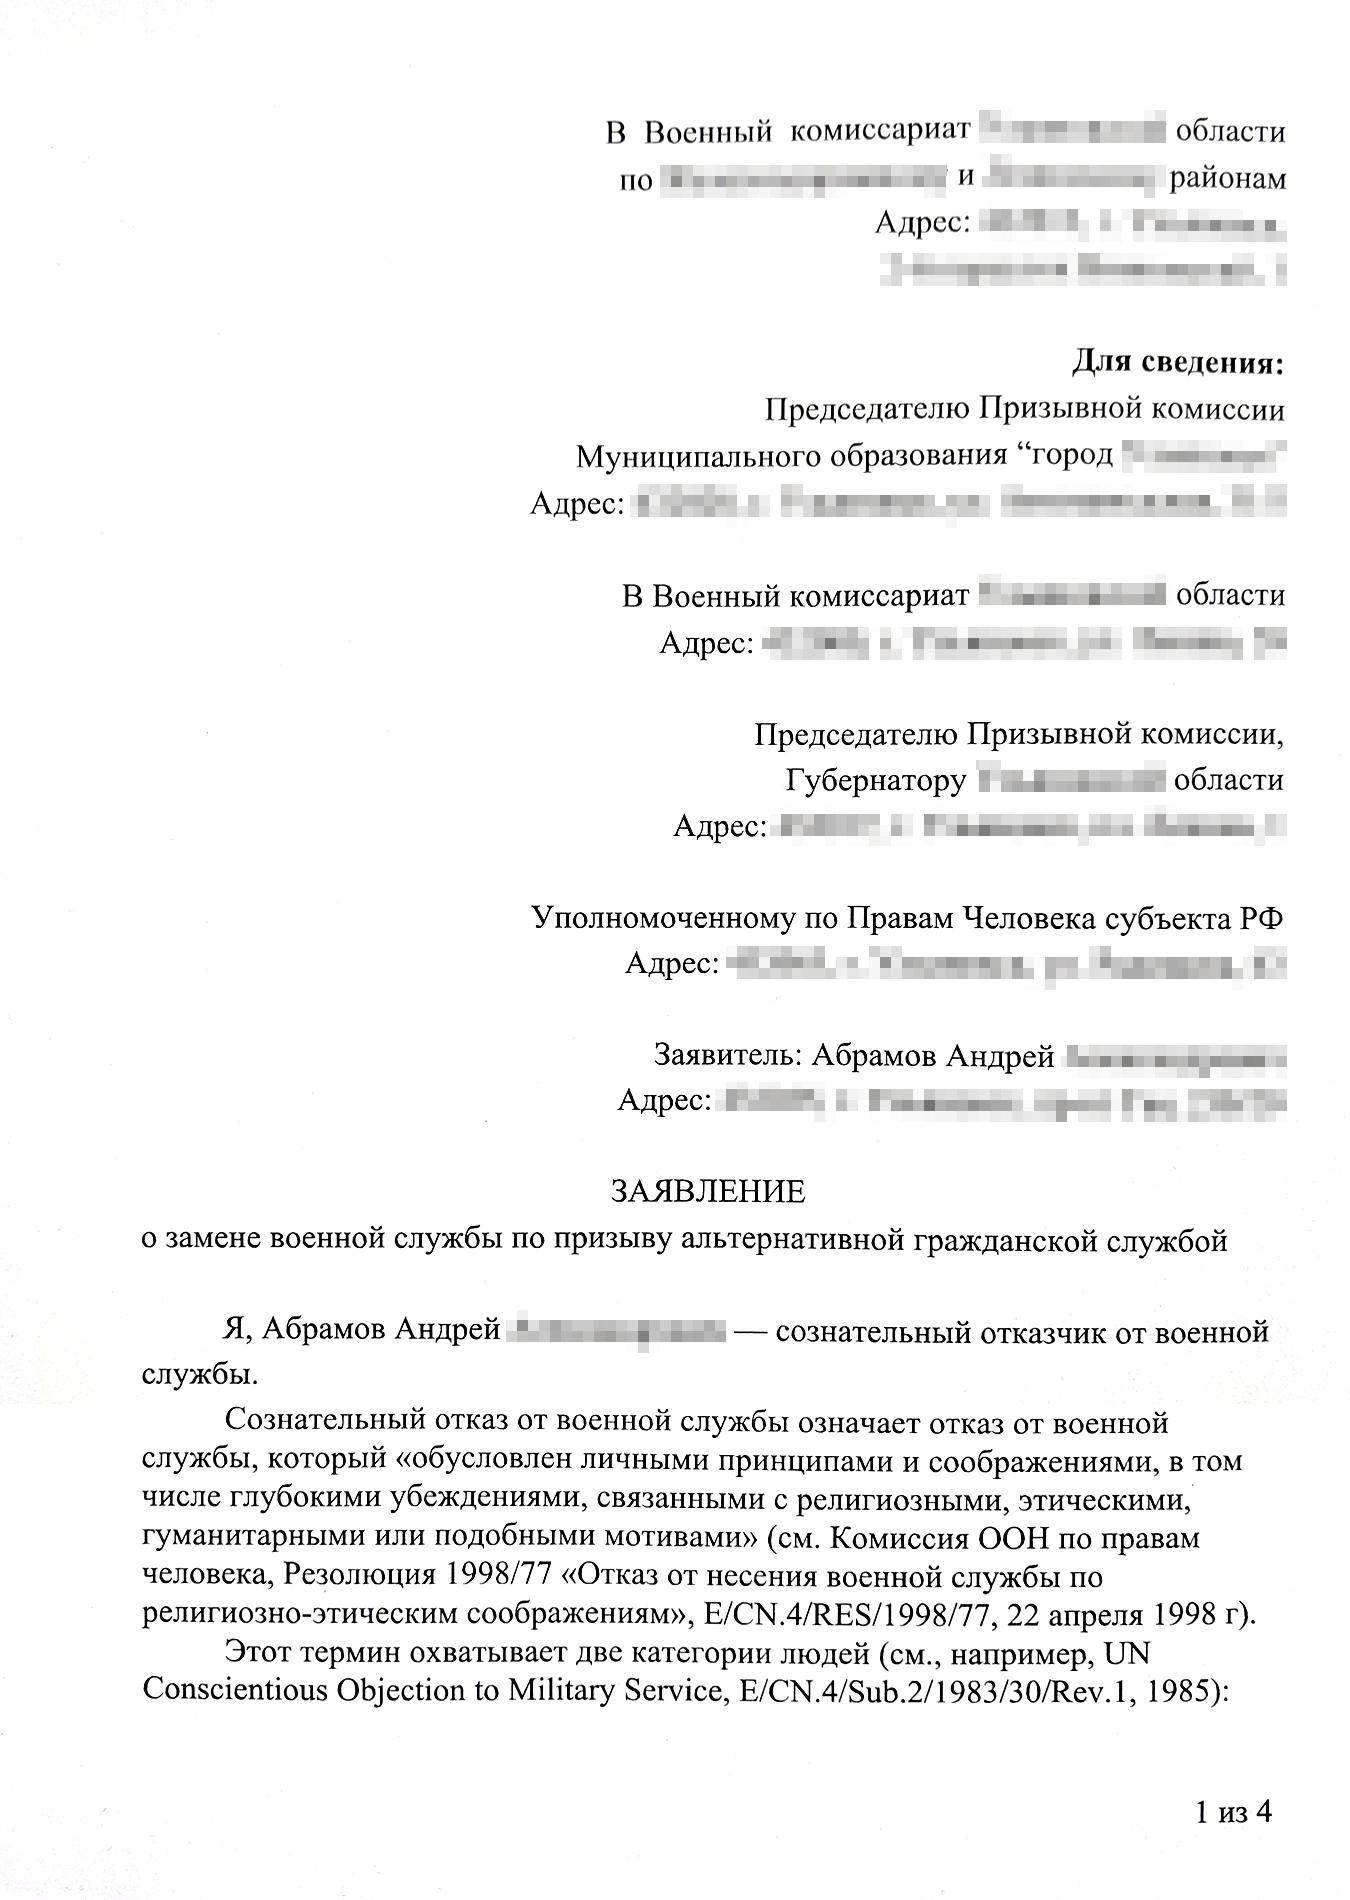 ответы на профотбор